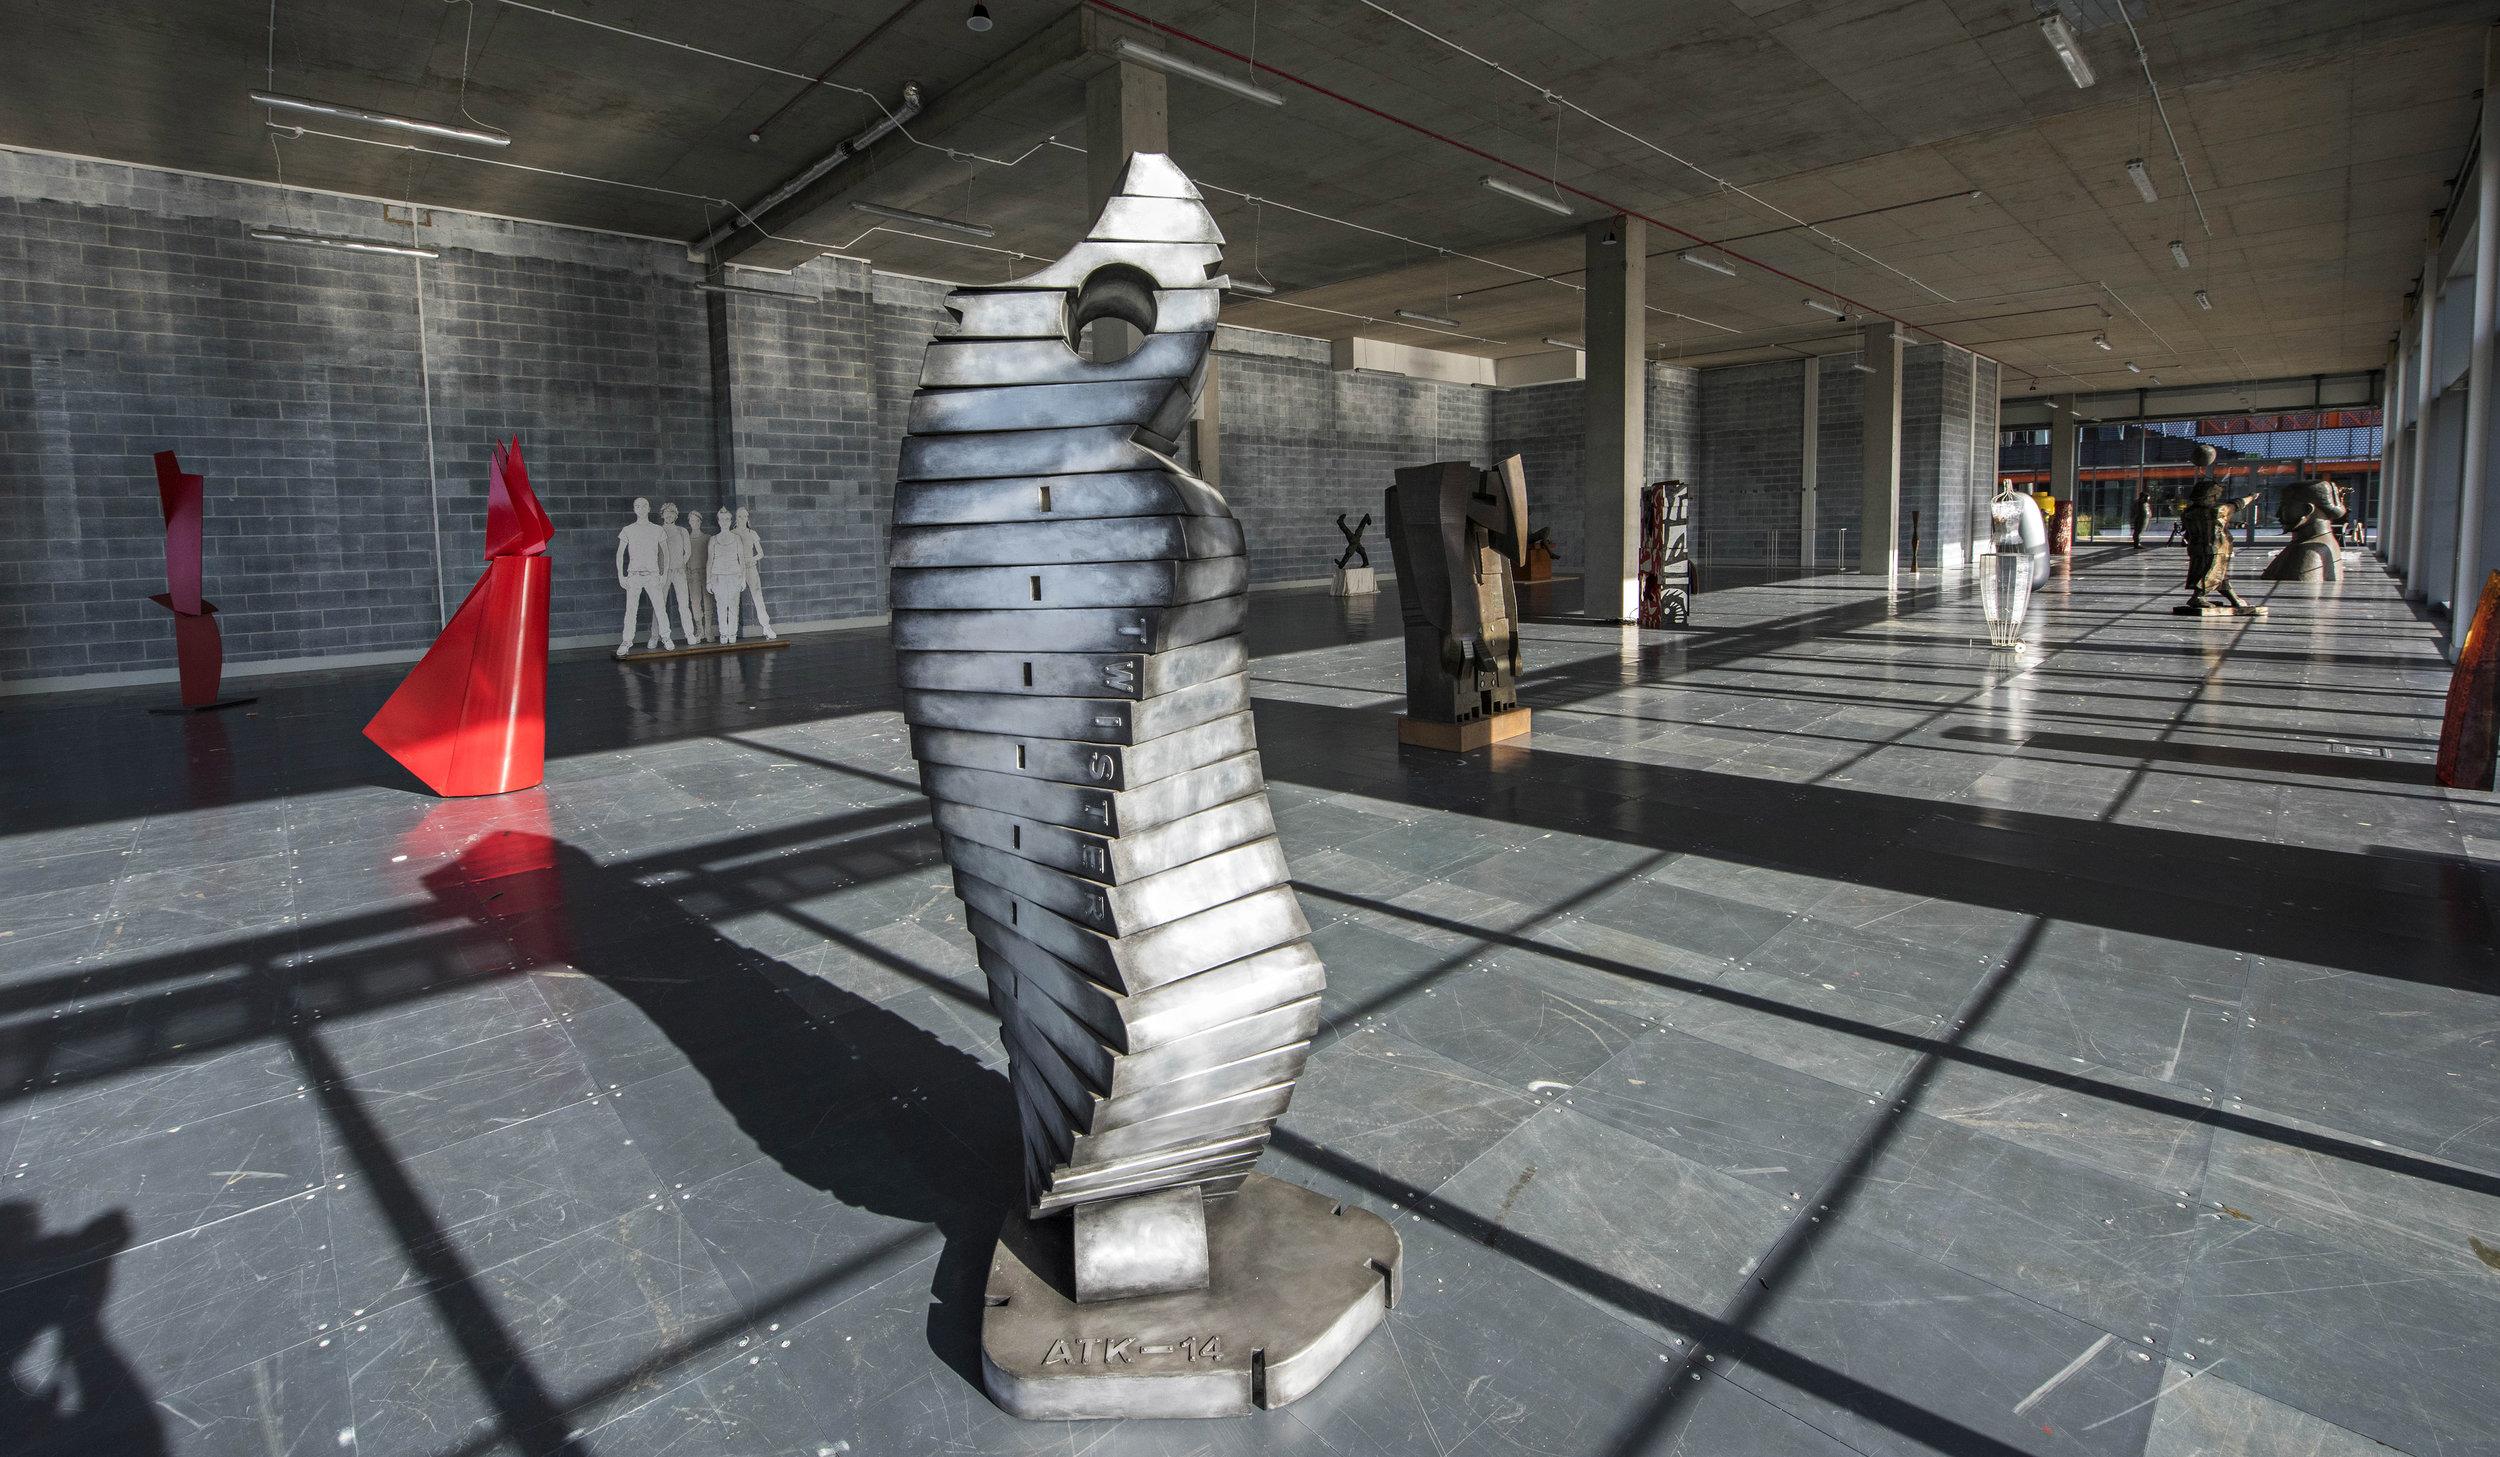 Warriors_Sculptures_London_AW_008.jpg